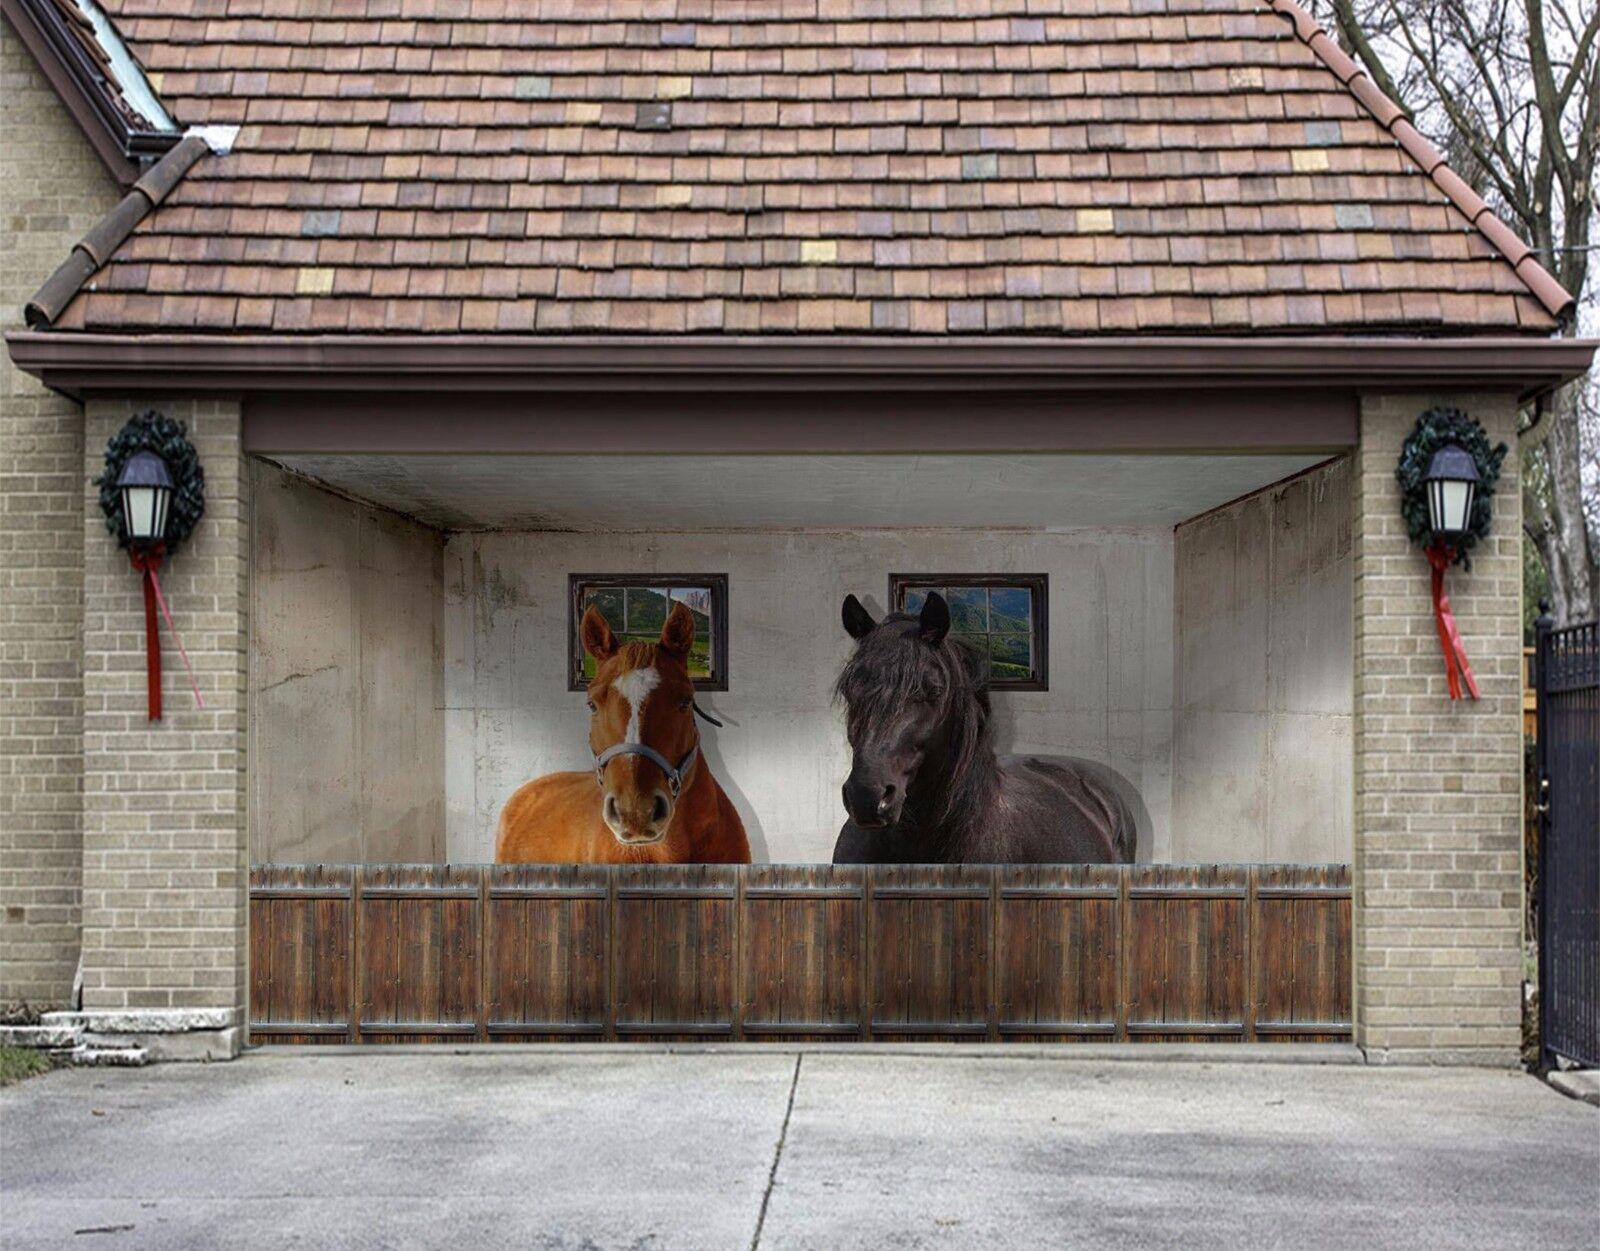 3d Two Horses Garage Door Murals Wall Print Decal Wall Deco Aj Wallpaper A Ebay